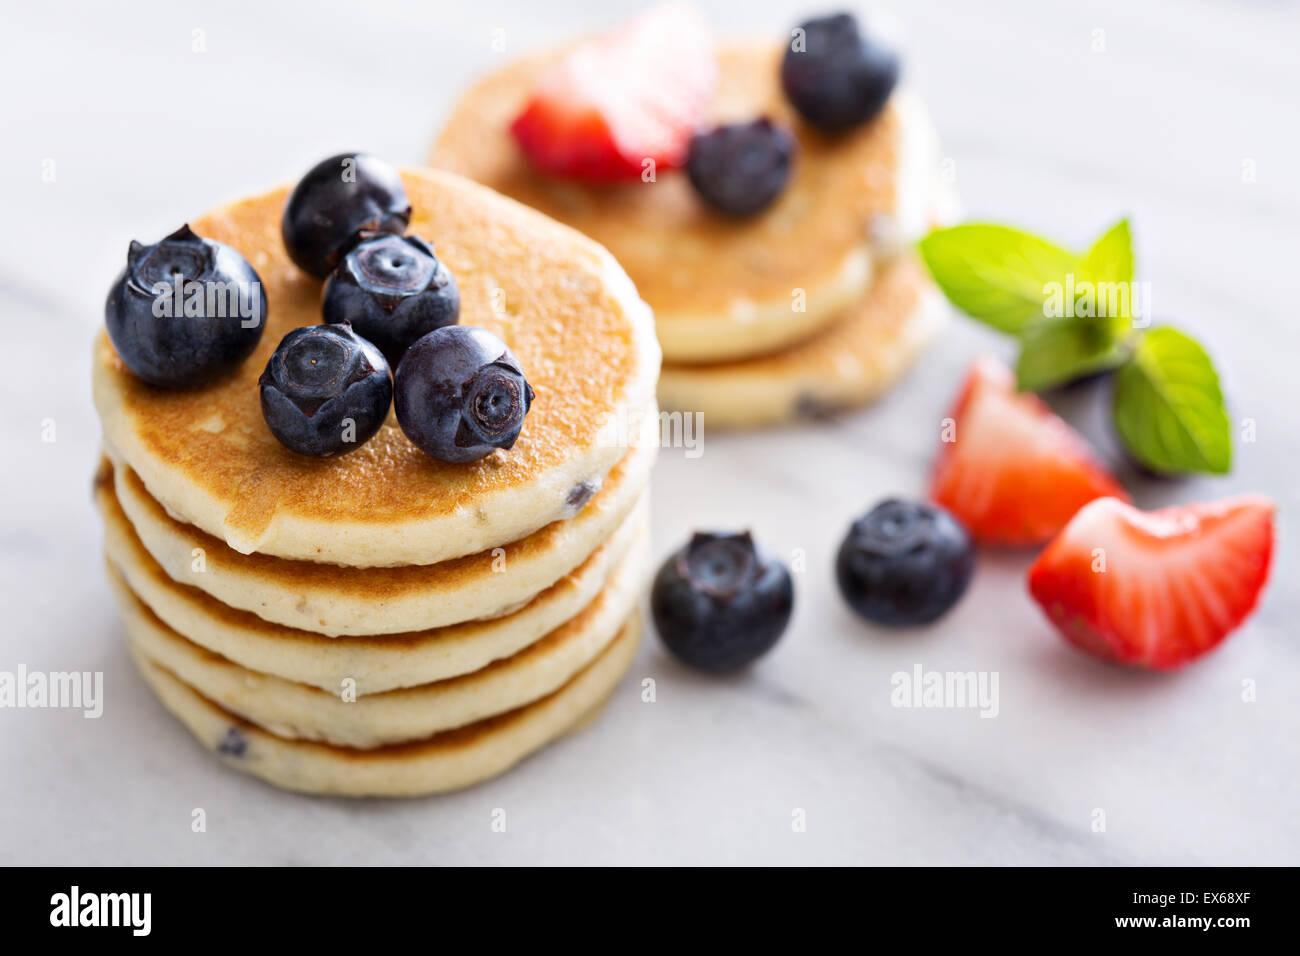 Stapel von kleinen Pfannkuchen mit Beeren auf Marmor Stockbild